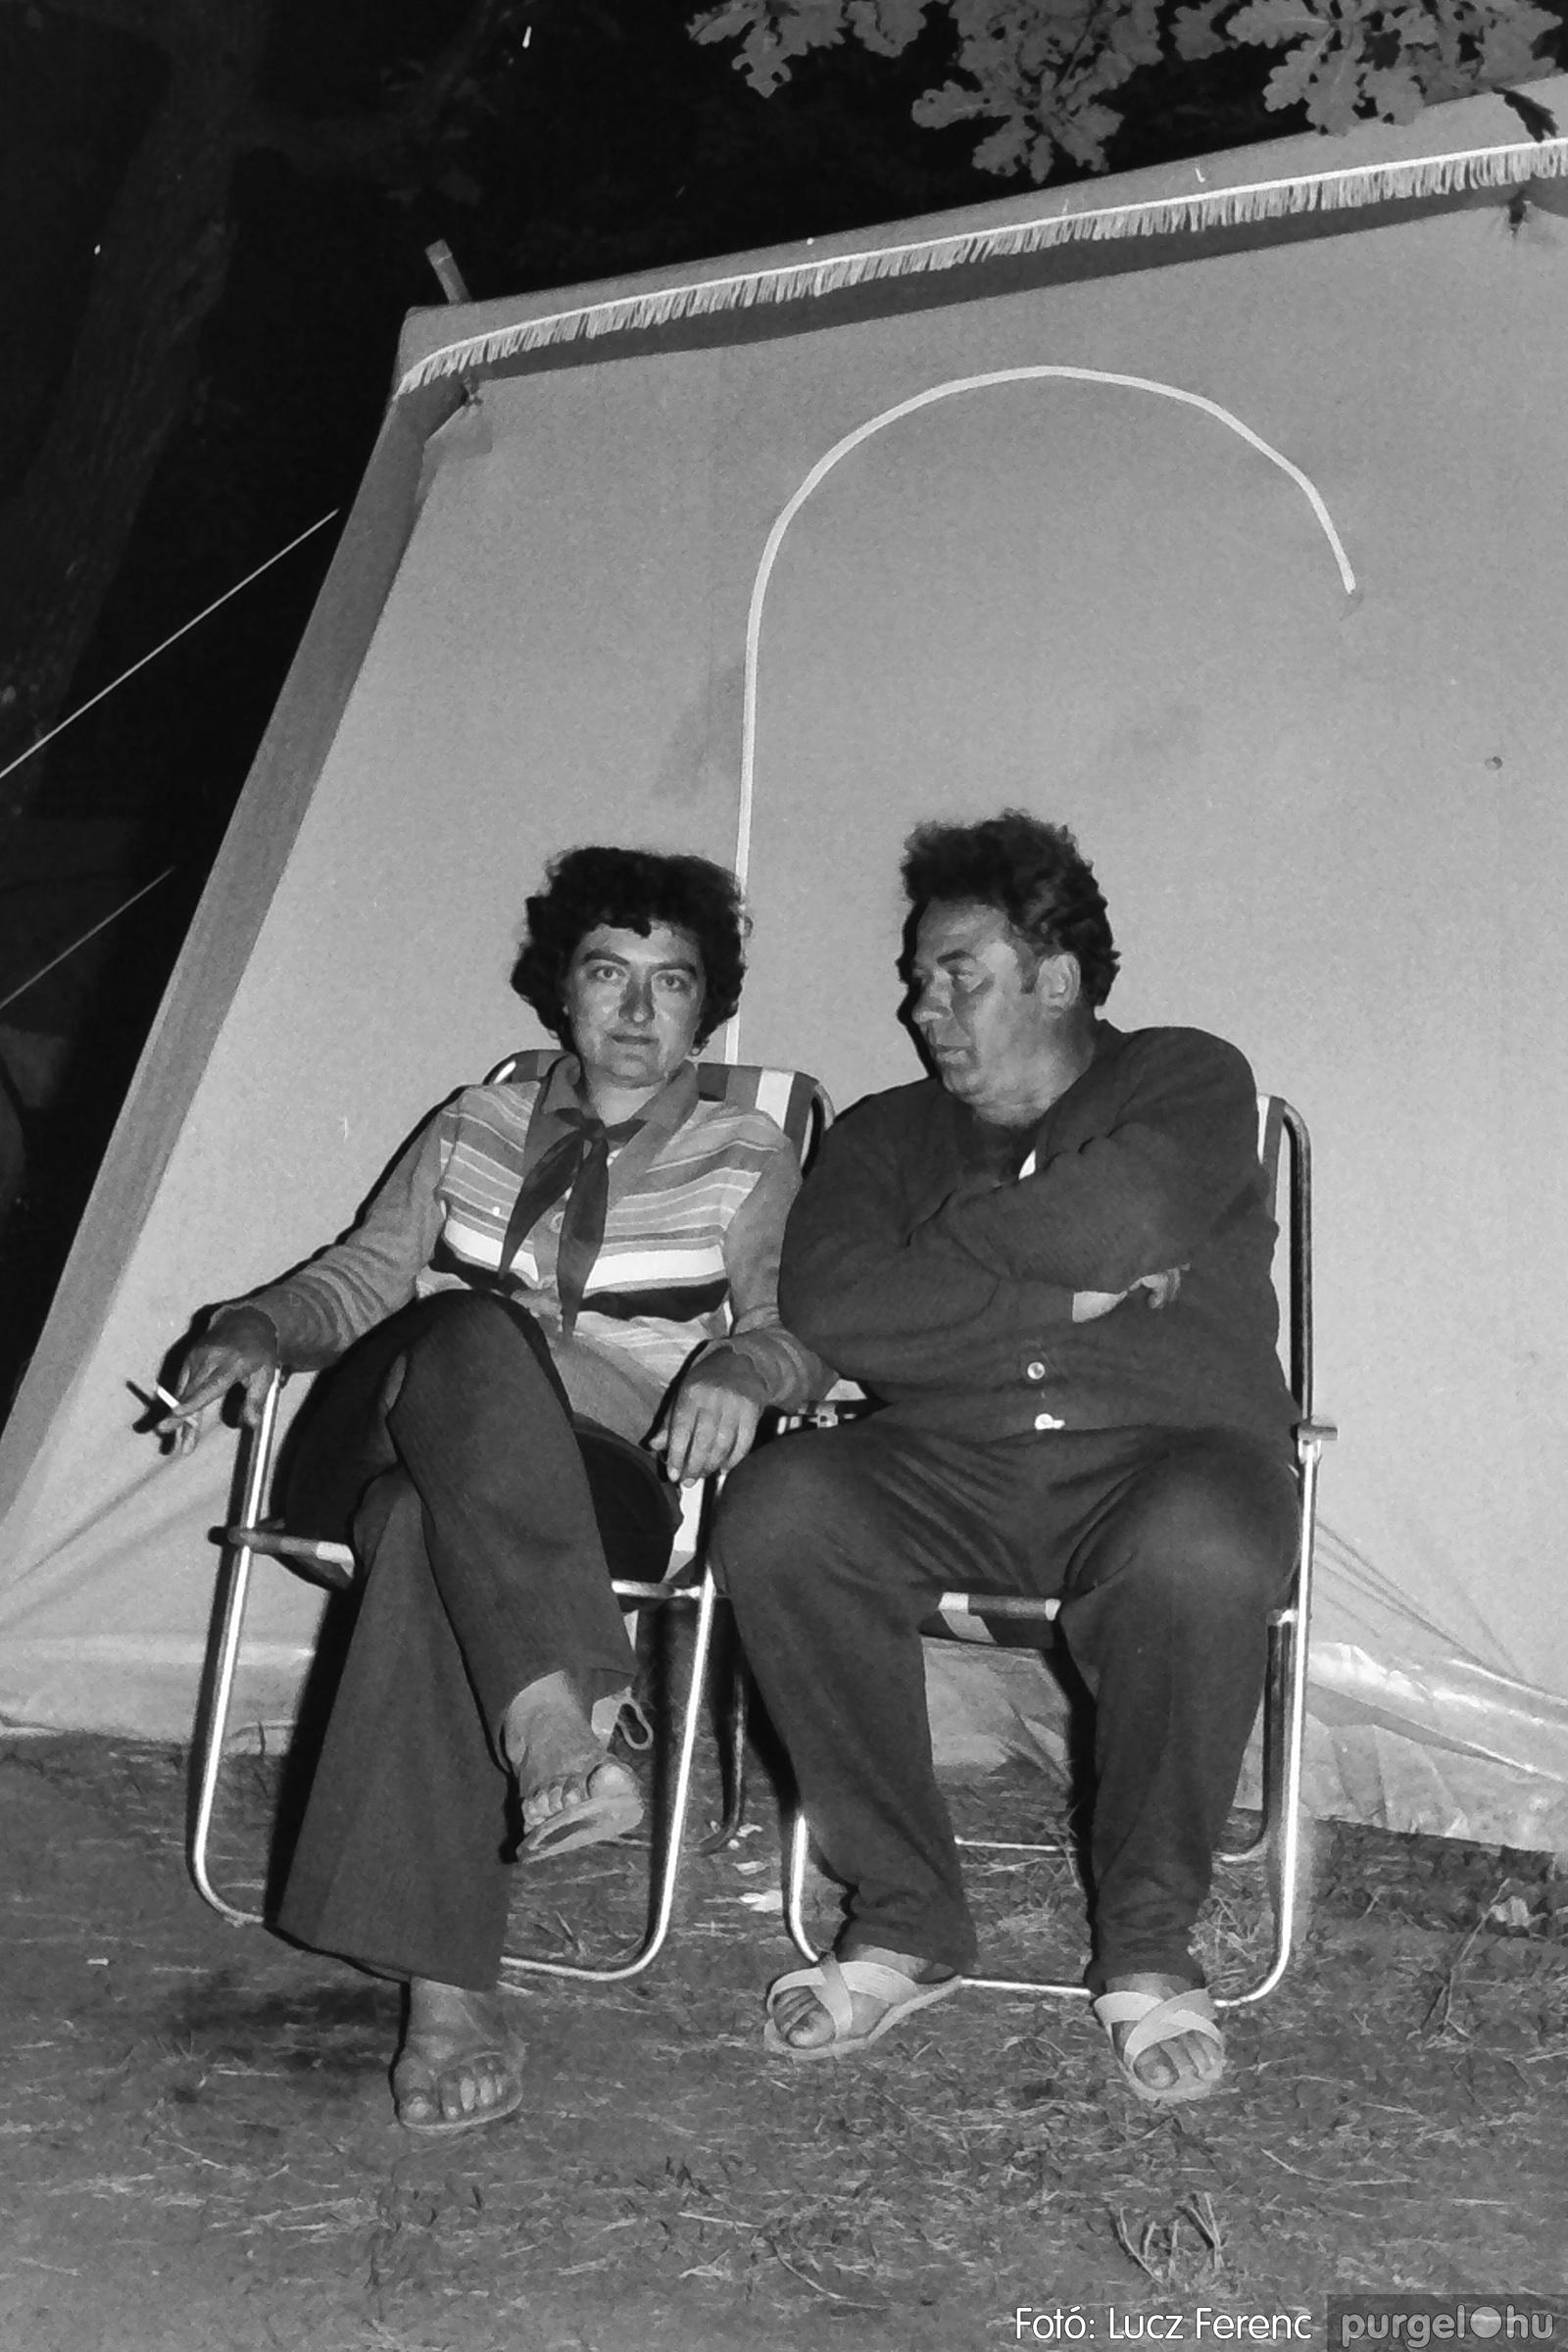 086, 088. 1977. Nyári tábor a Mátrában 061. - Fotó: Lucz Ferenc.jpg